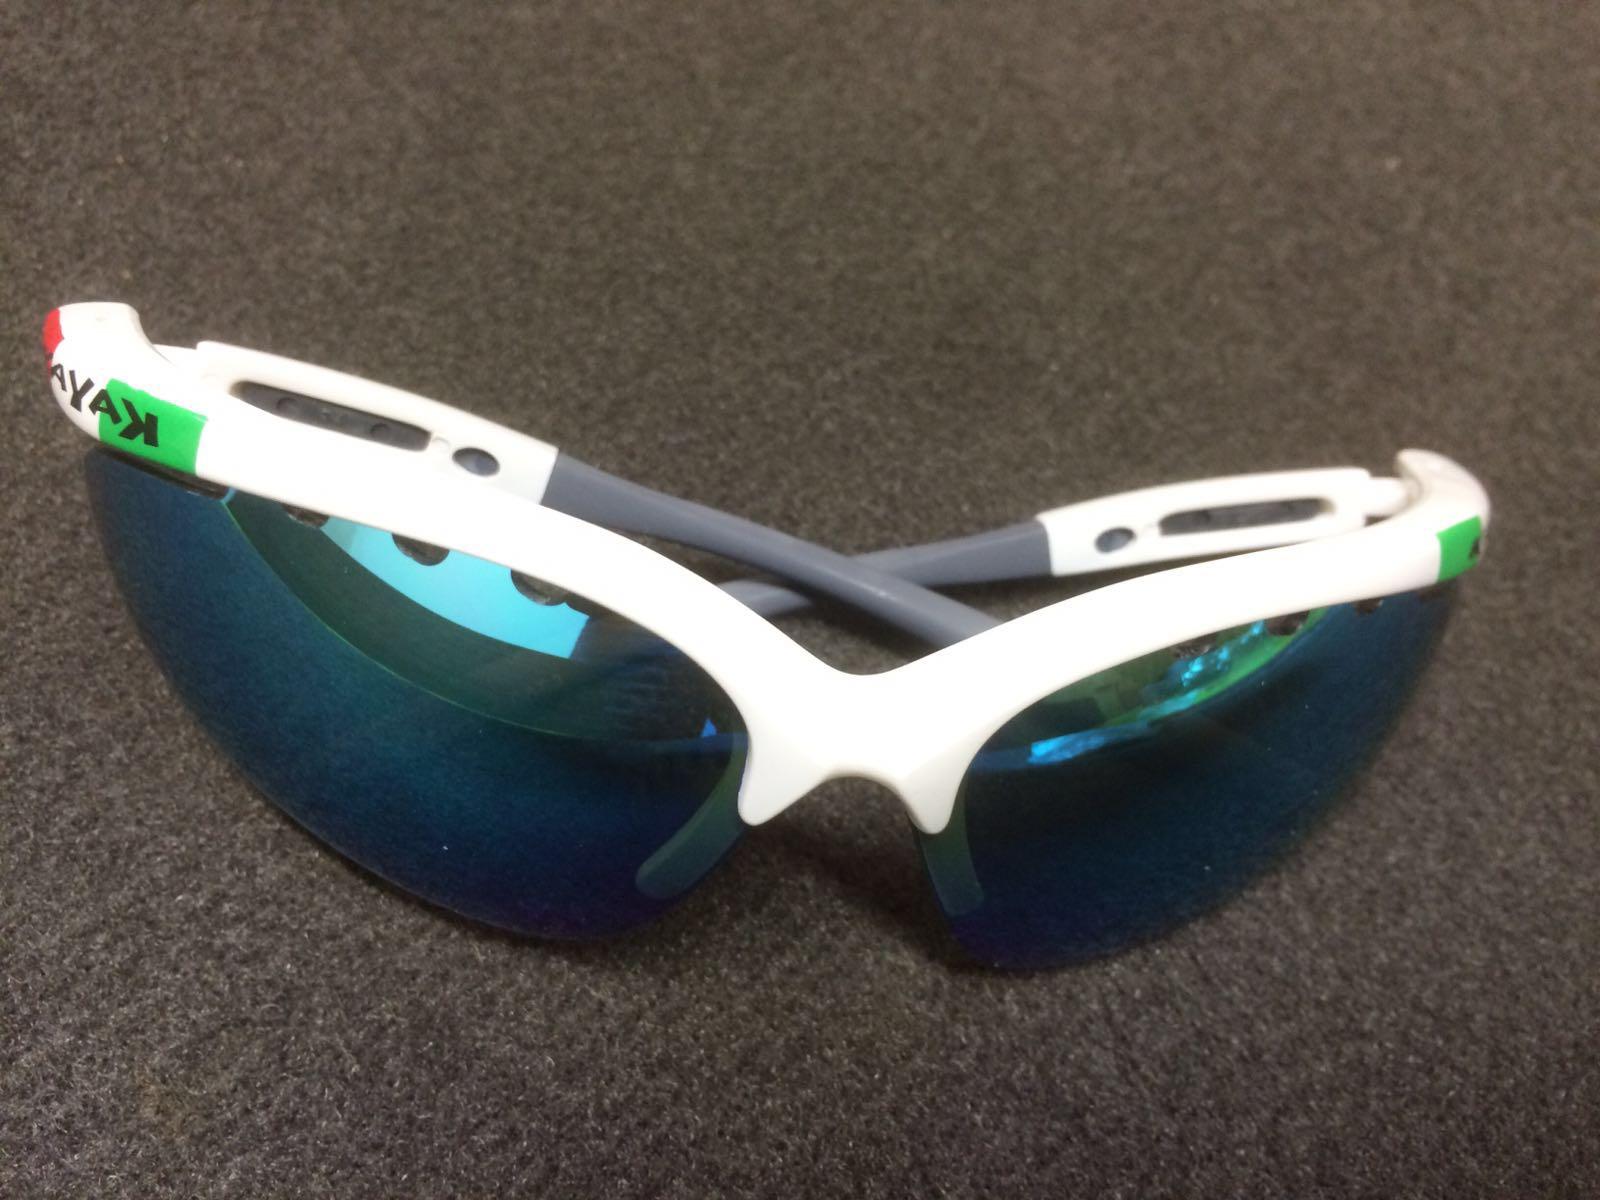 occhiali Tatao Photochromic con lenti intercambiabili (bianche/gialle/specchio) €30,00